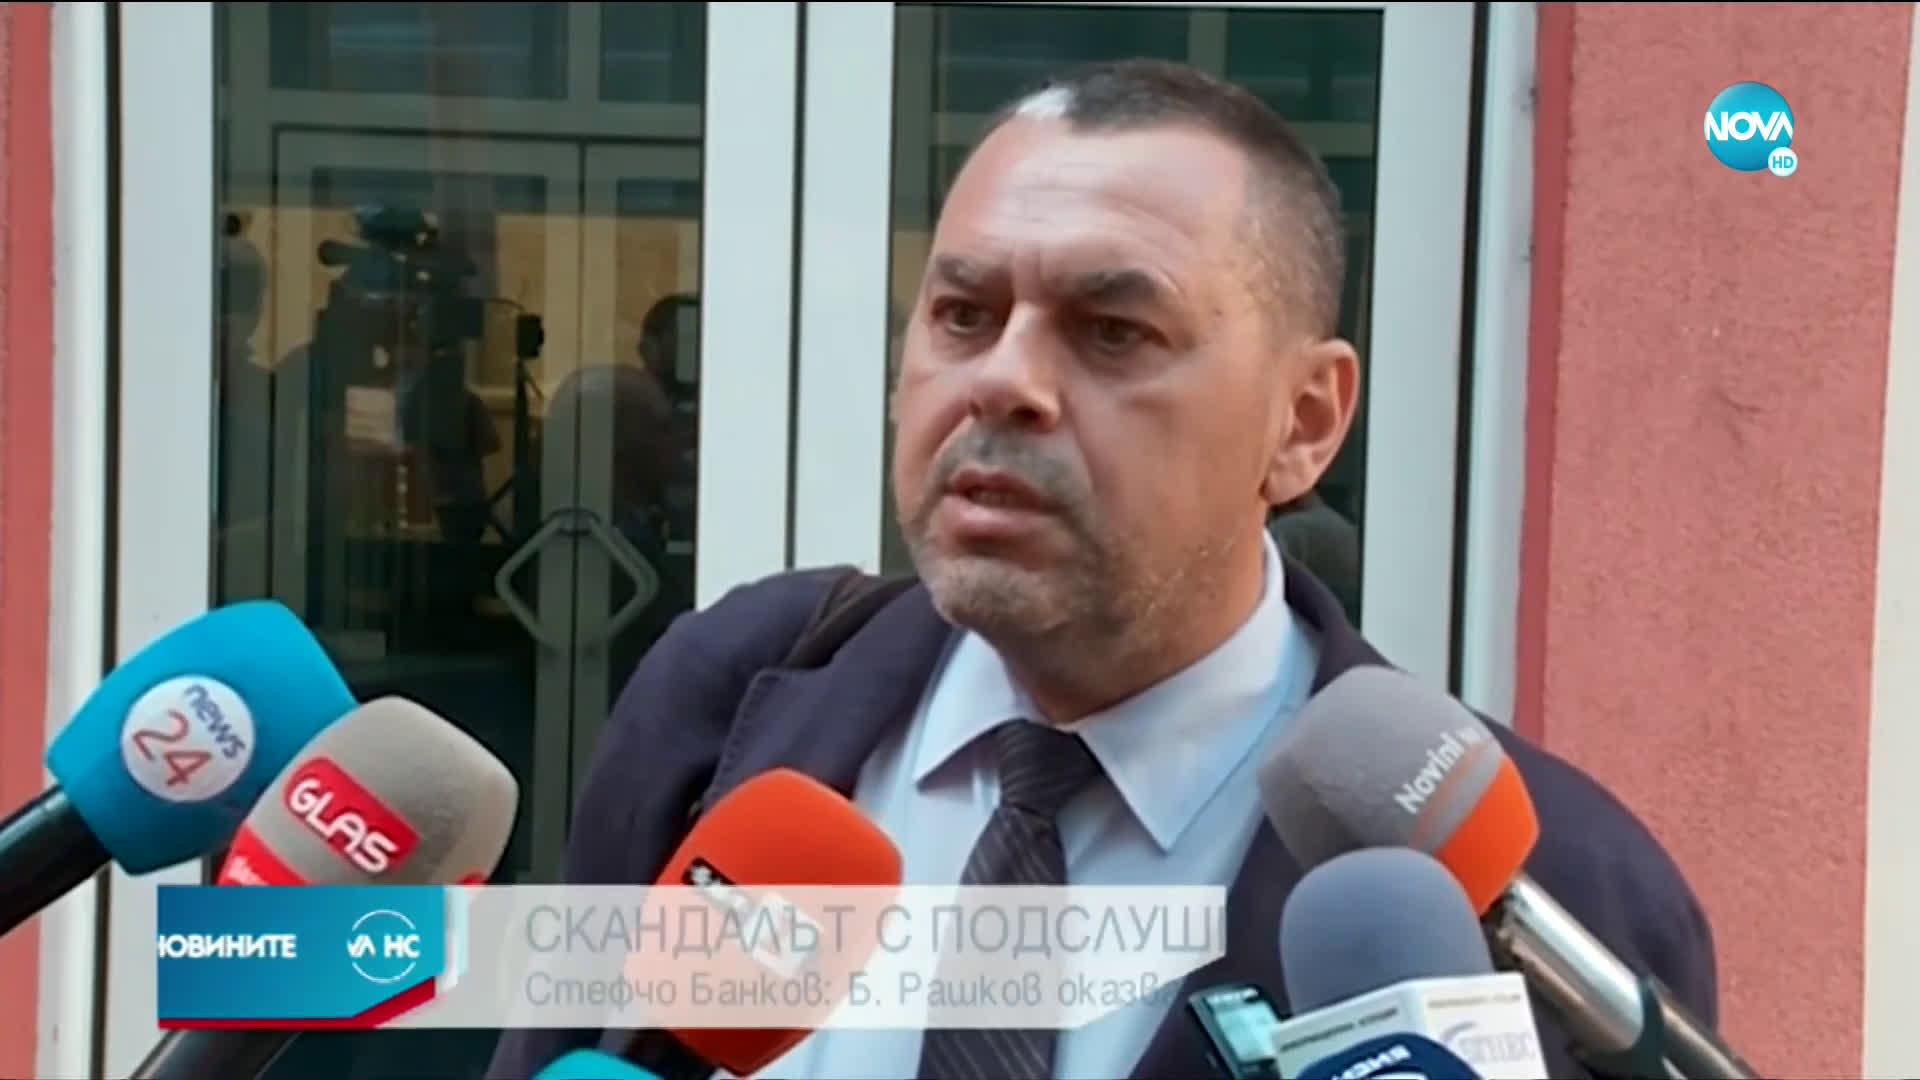 """Стефчо Банков: """"Вътрешна сигурност"""" не е подслушвала политици"""